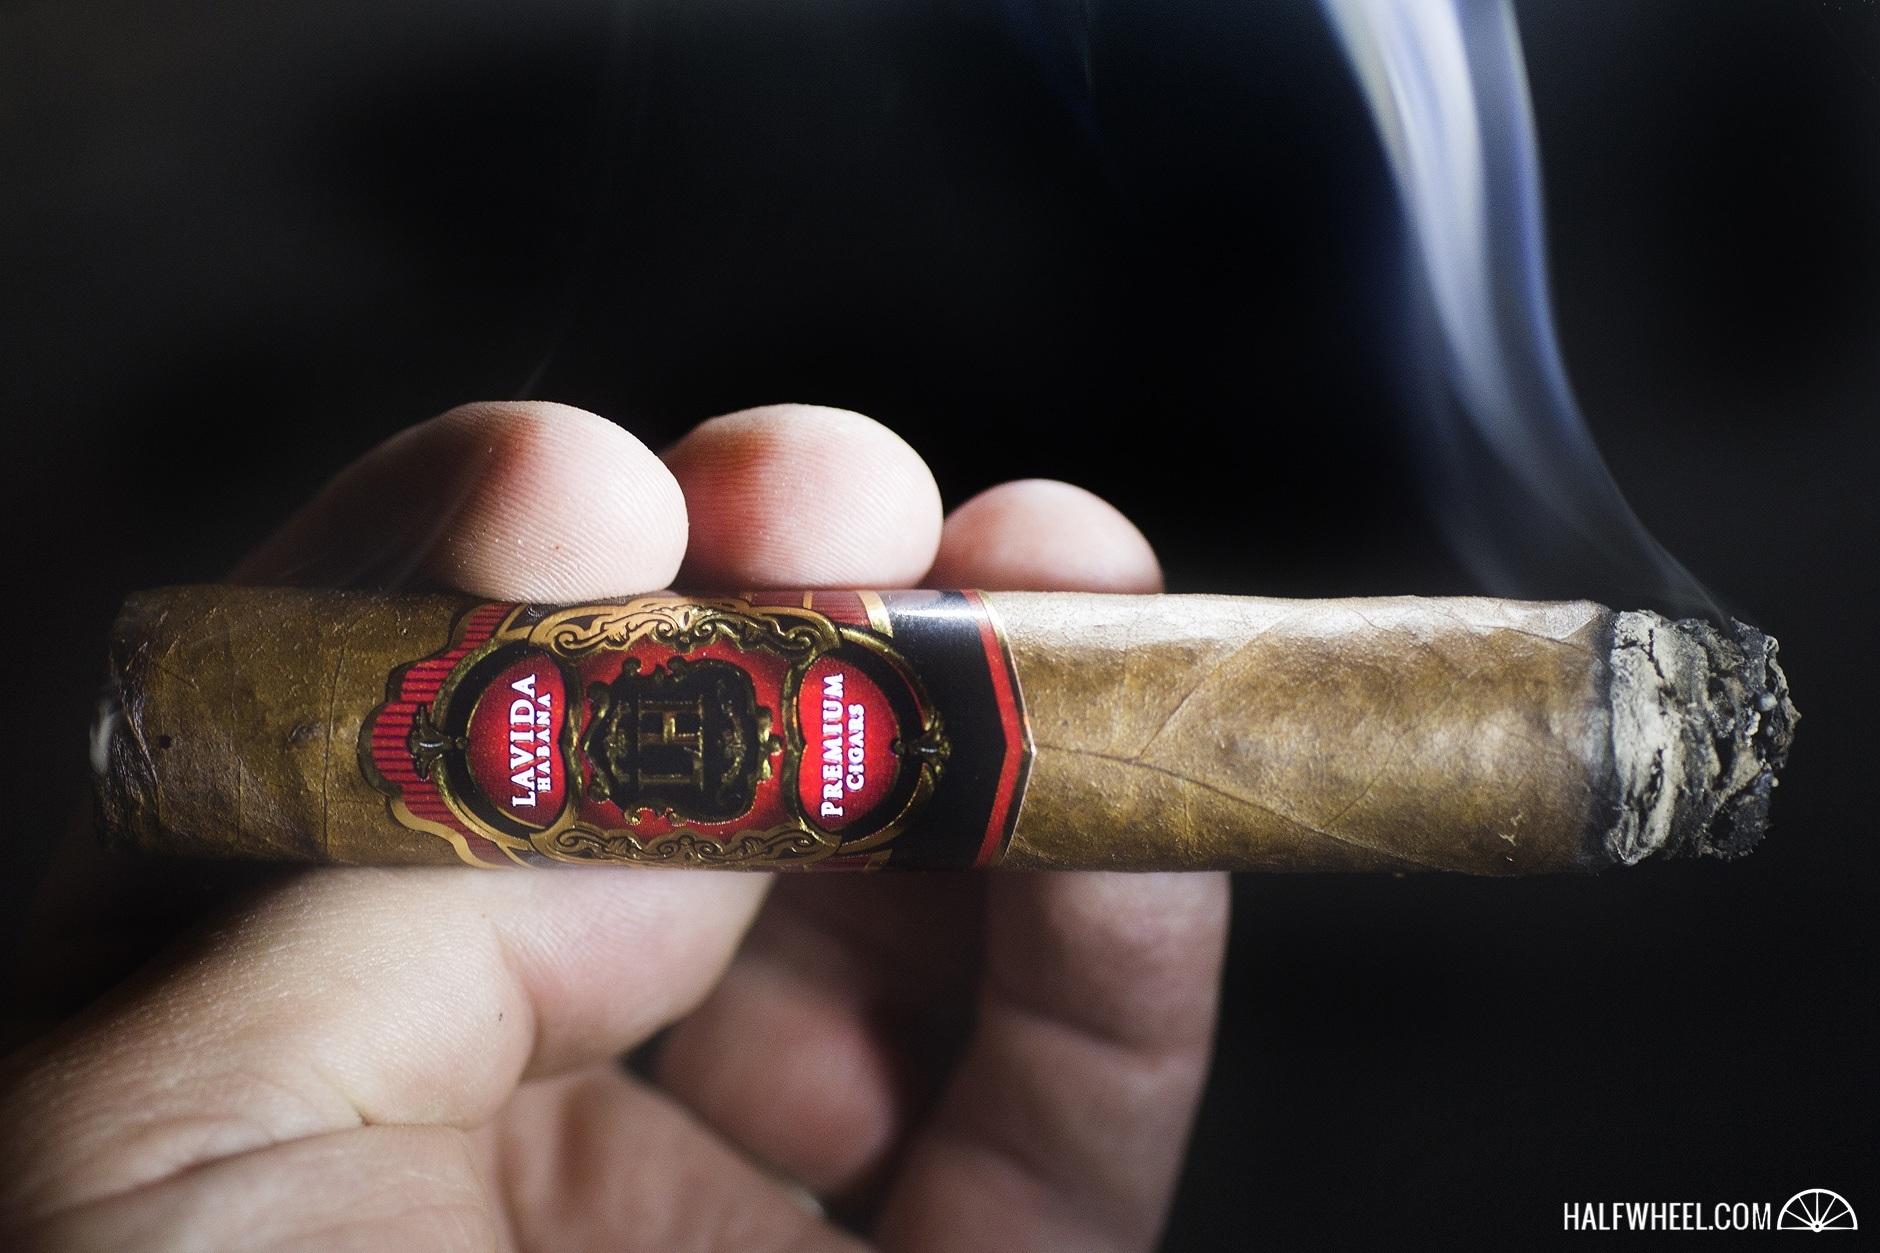 LH Cigars Colorado Robusto 4